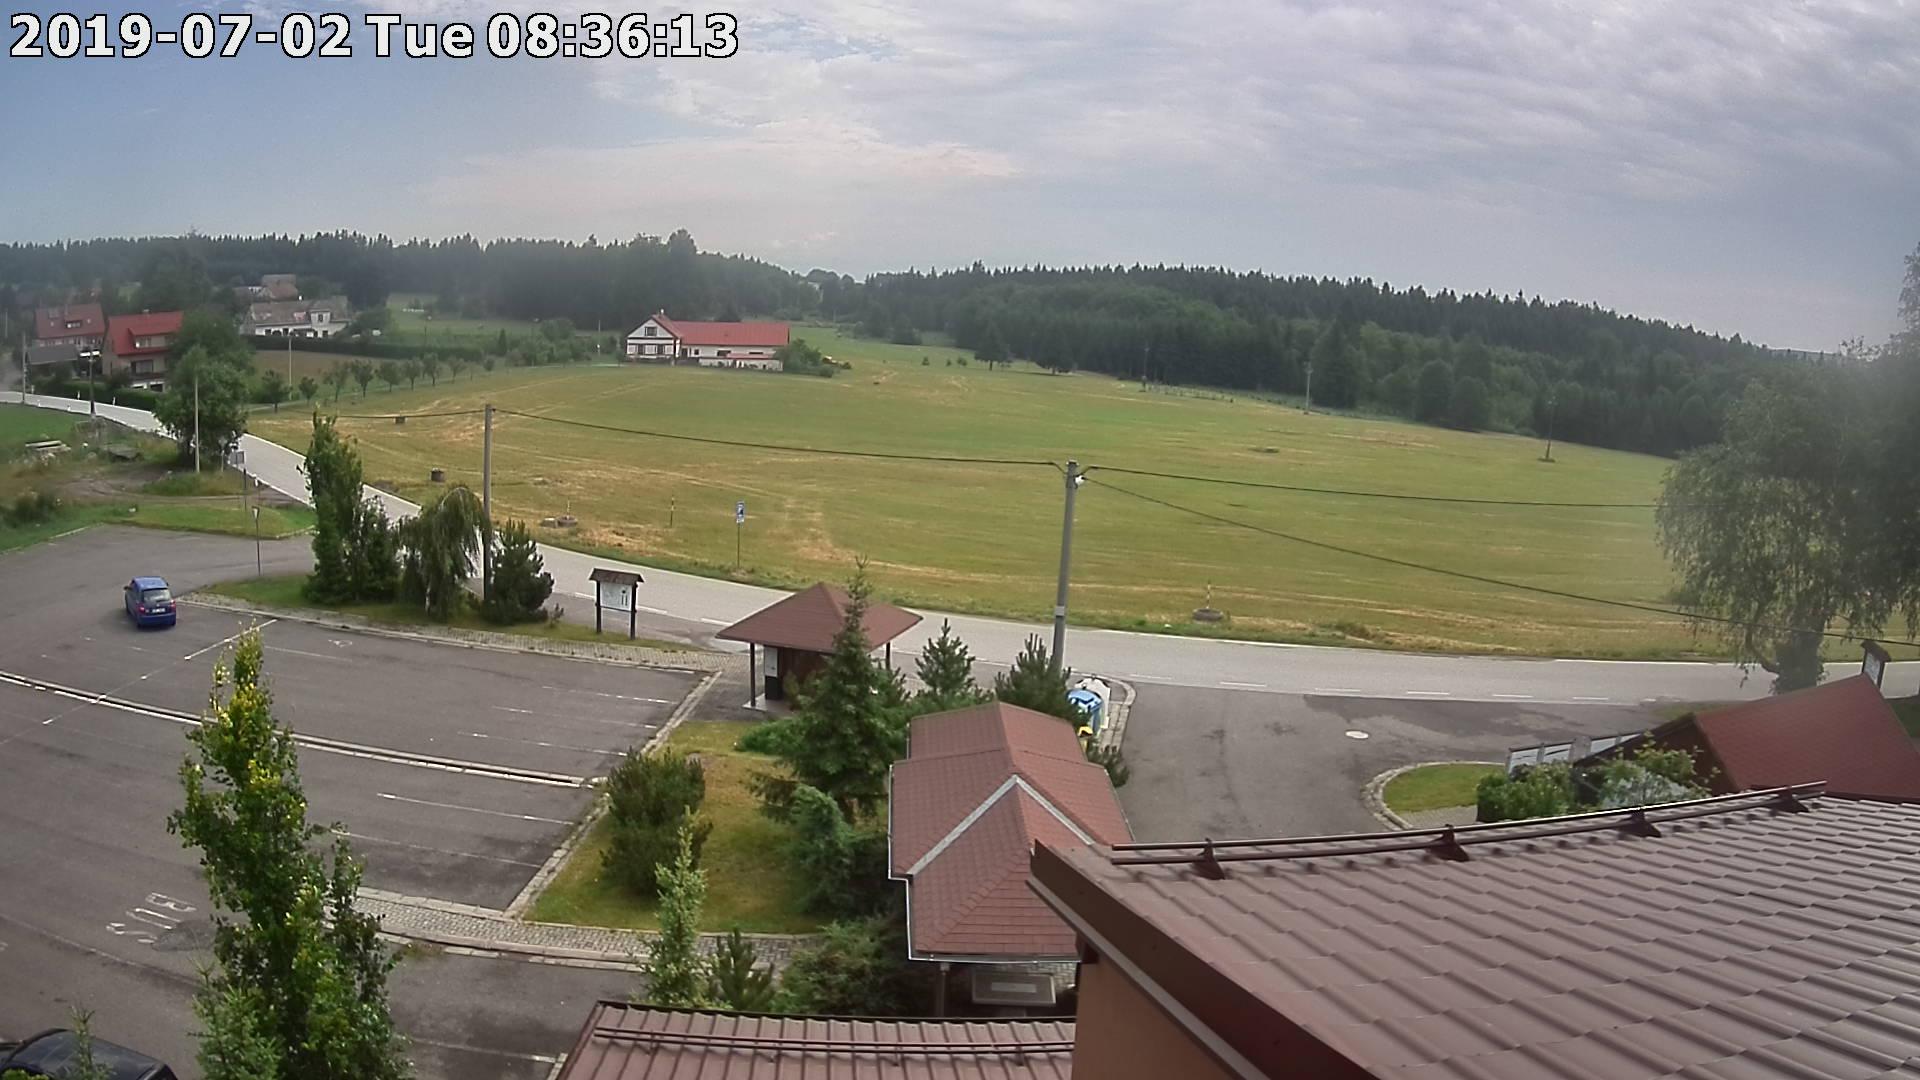 Webkamera ze dne 2019-07-02